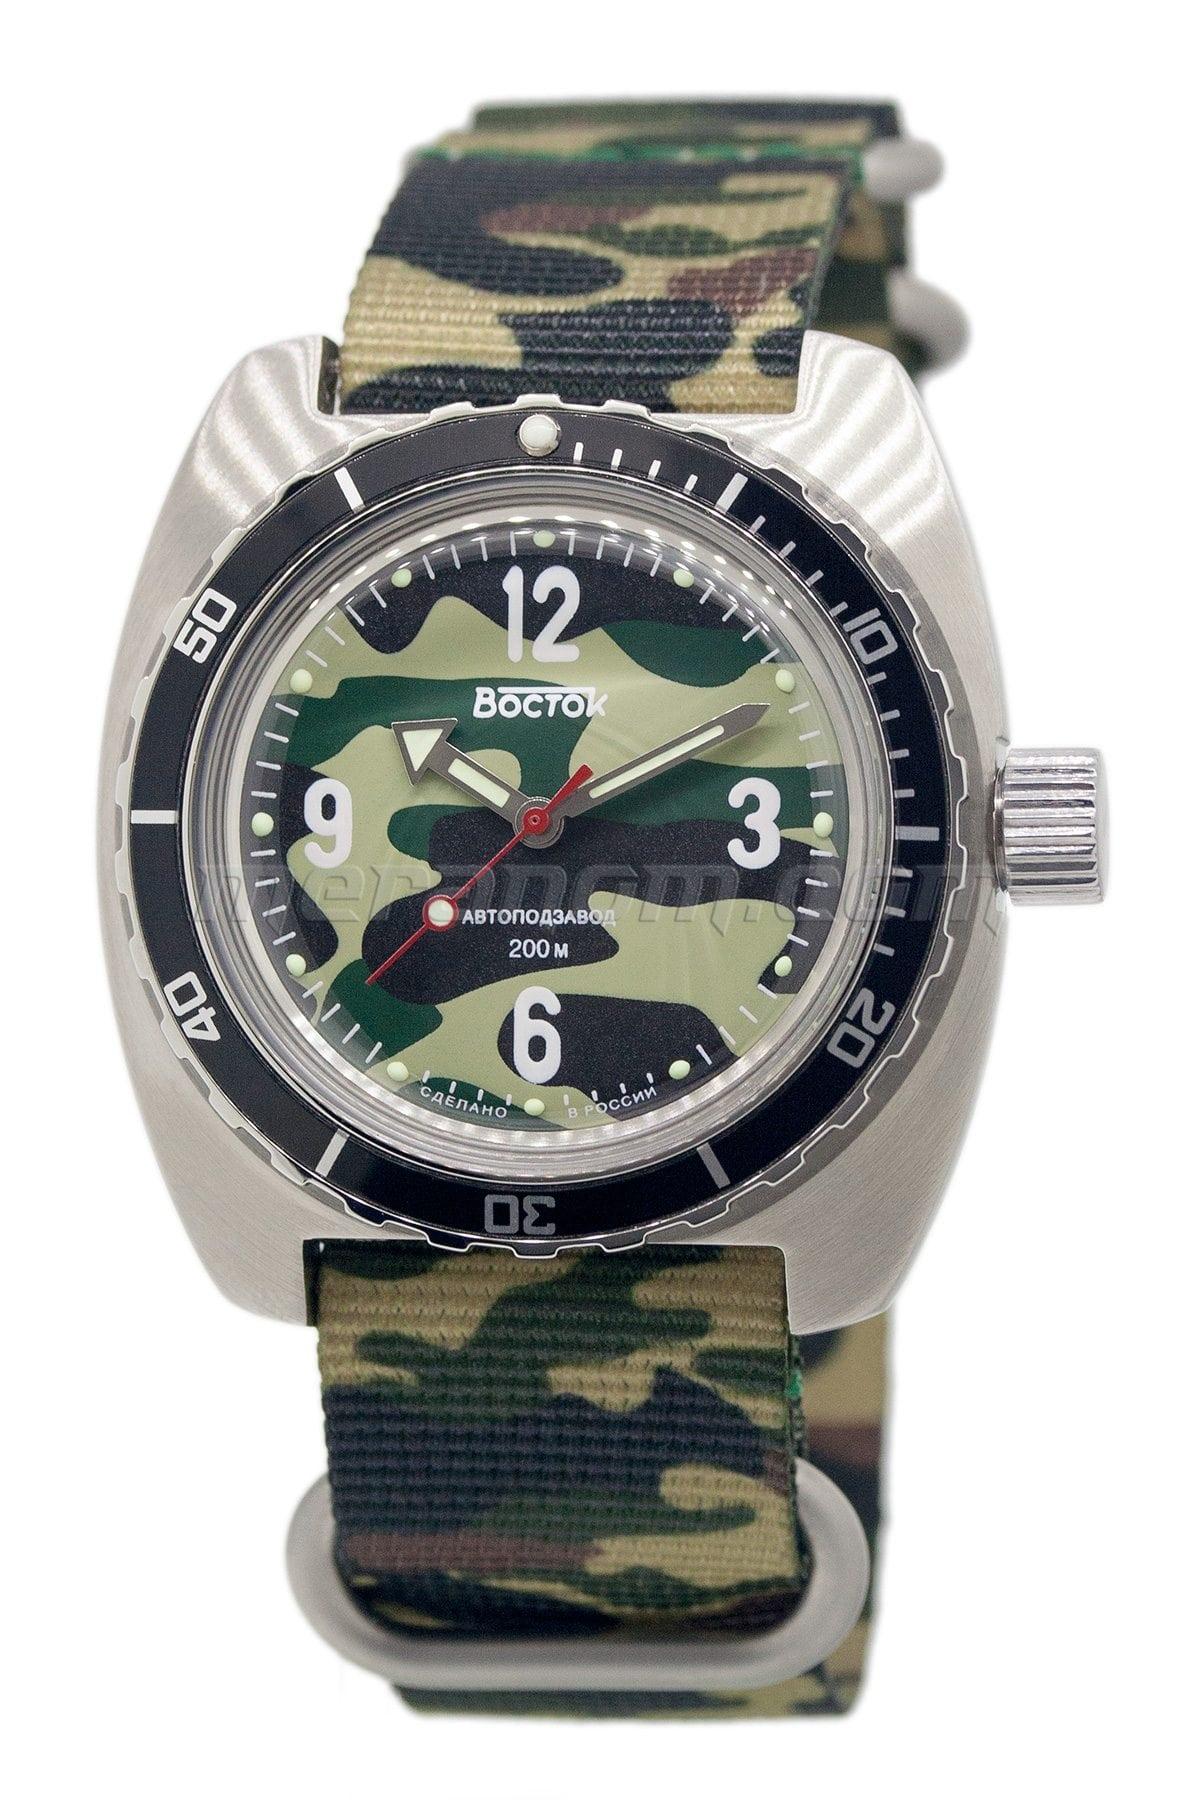 Vostok Relojes Amphibian Se 150b30 Compra A Un